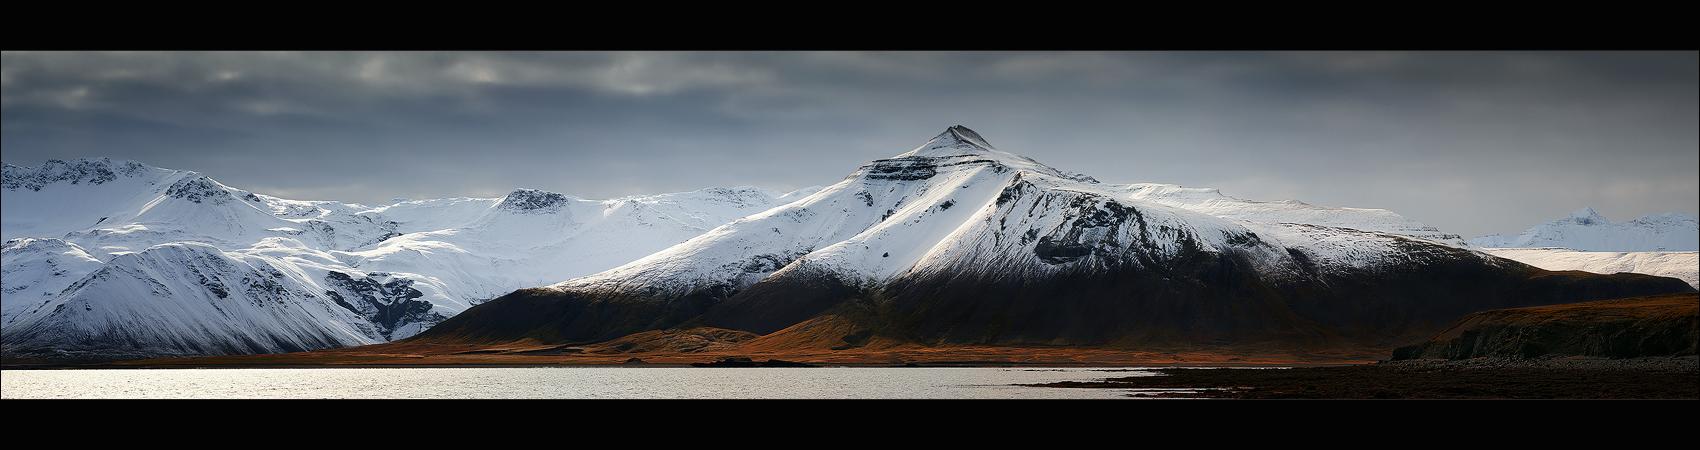 [ ... mountains ]